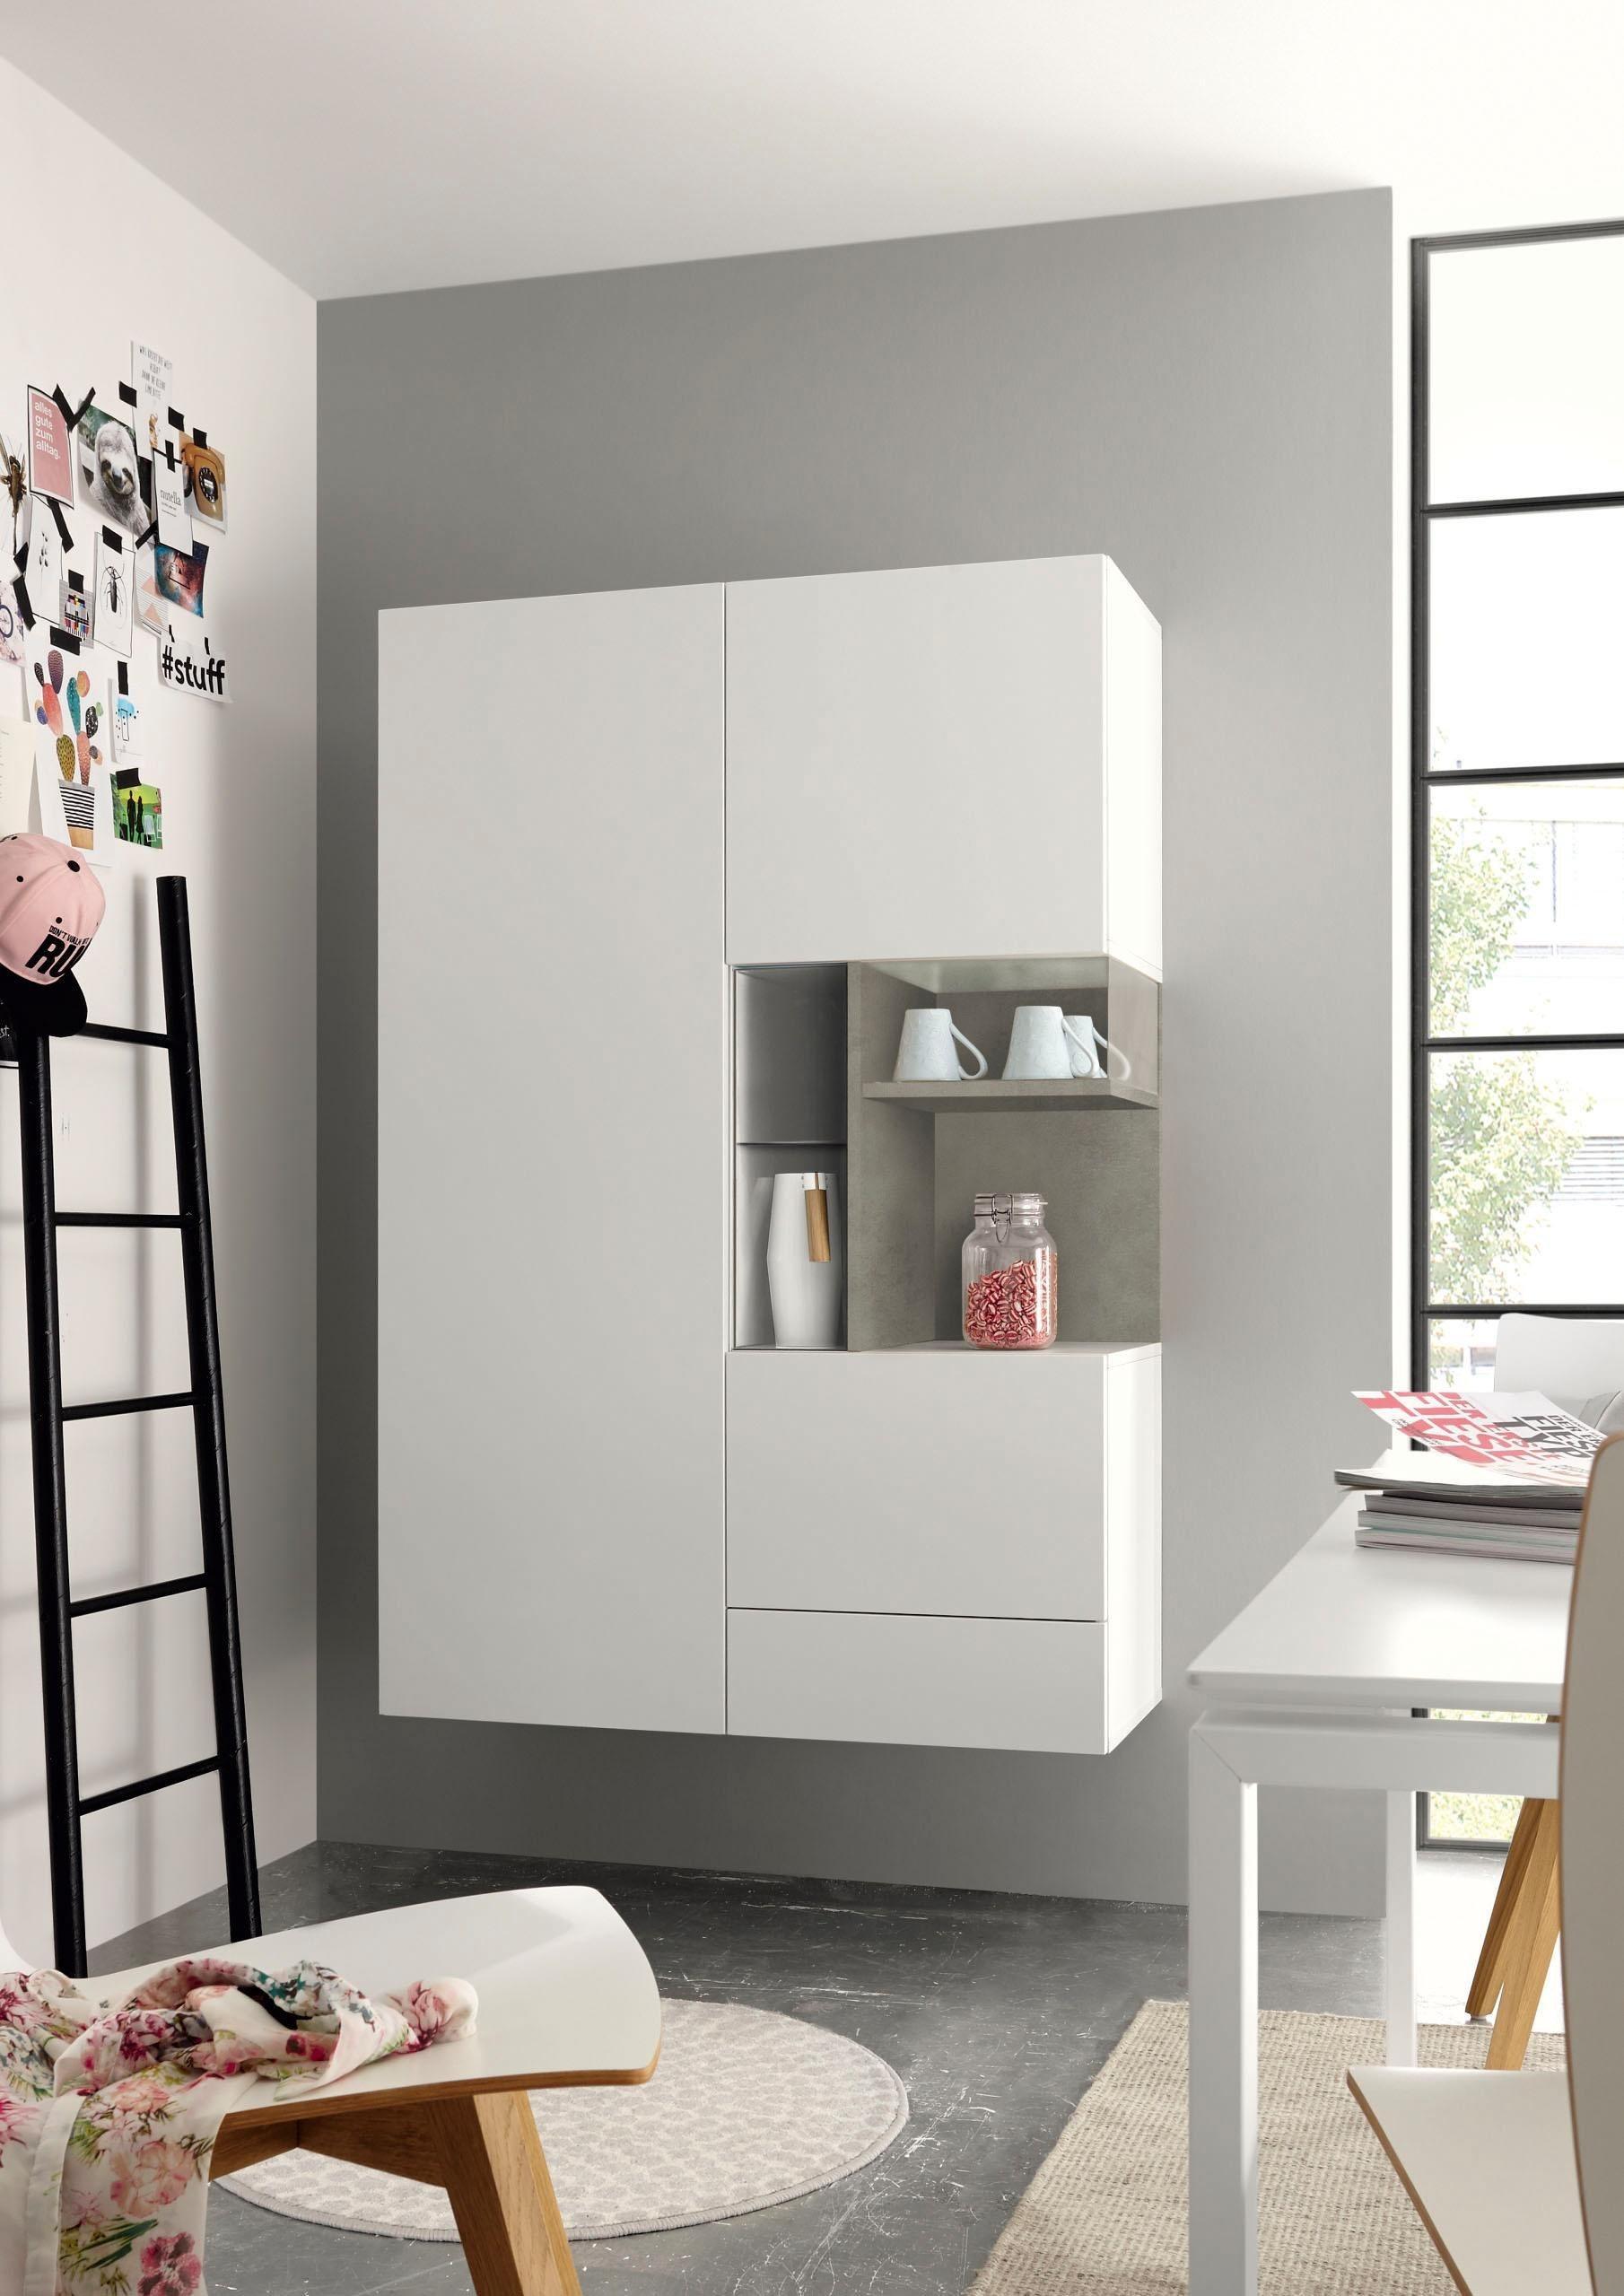 Huelsta---Now Wohnwände online kaufen | Möbel-Suchmaschine ...